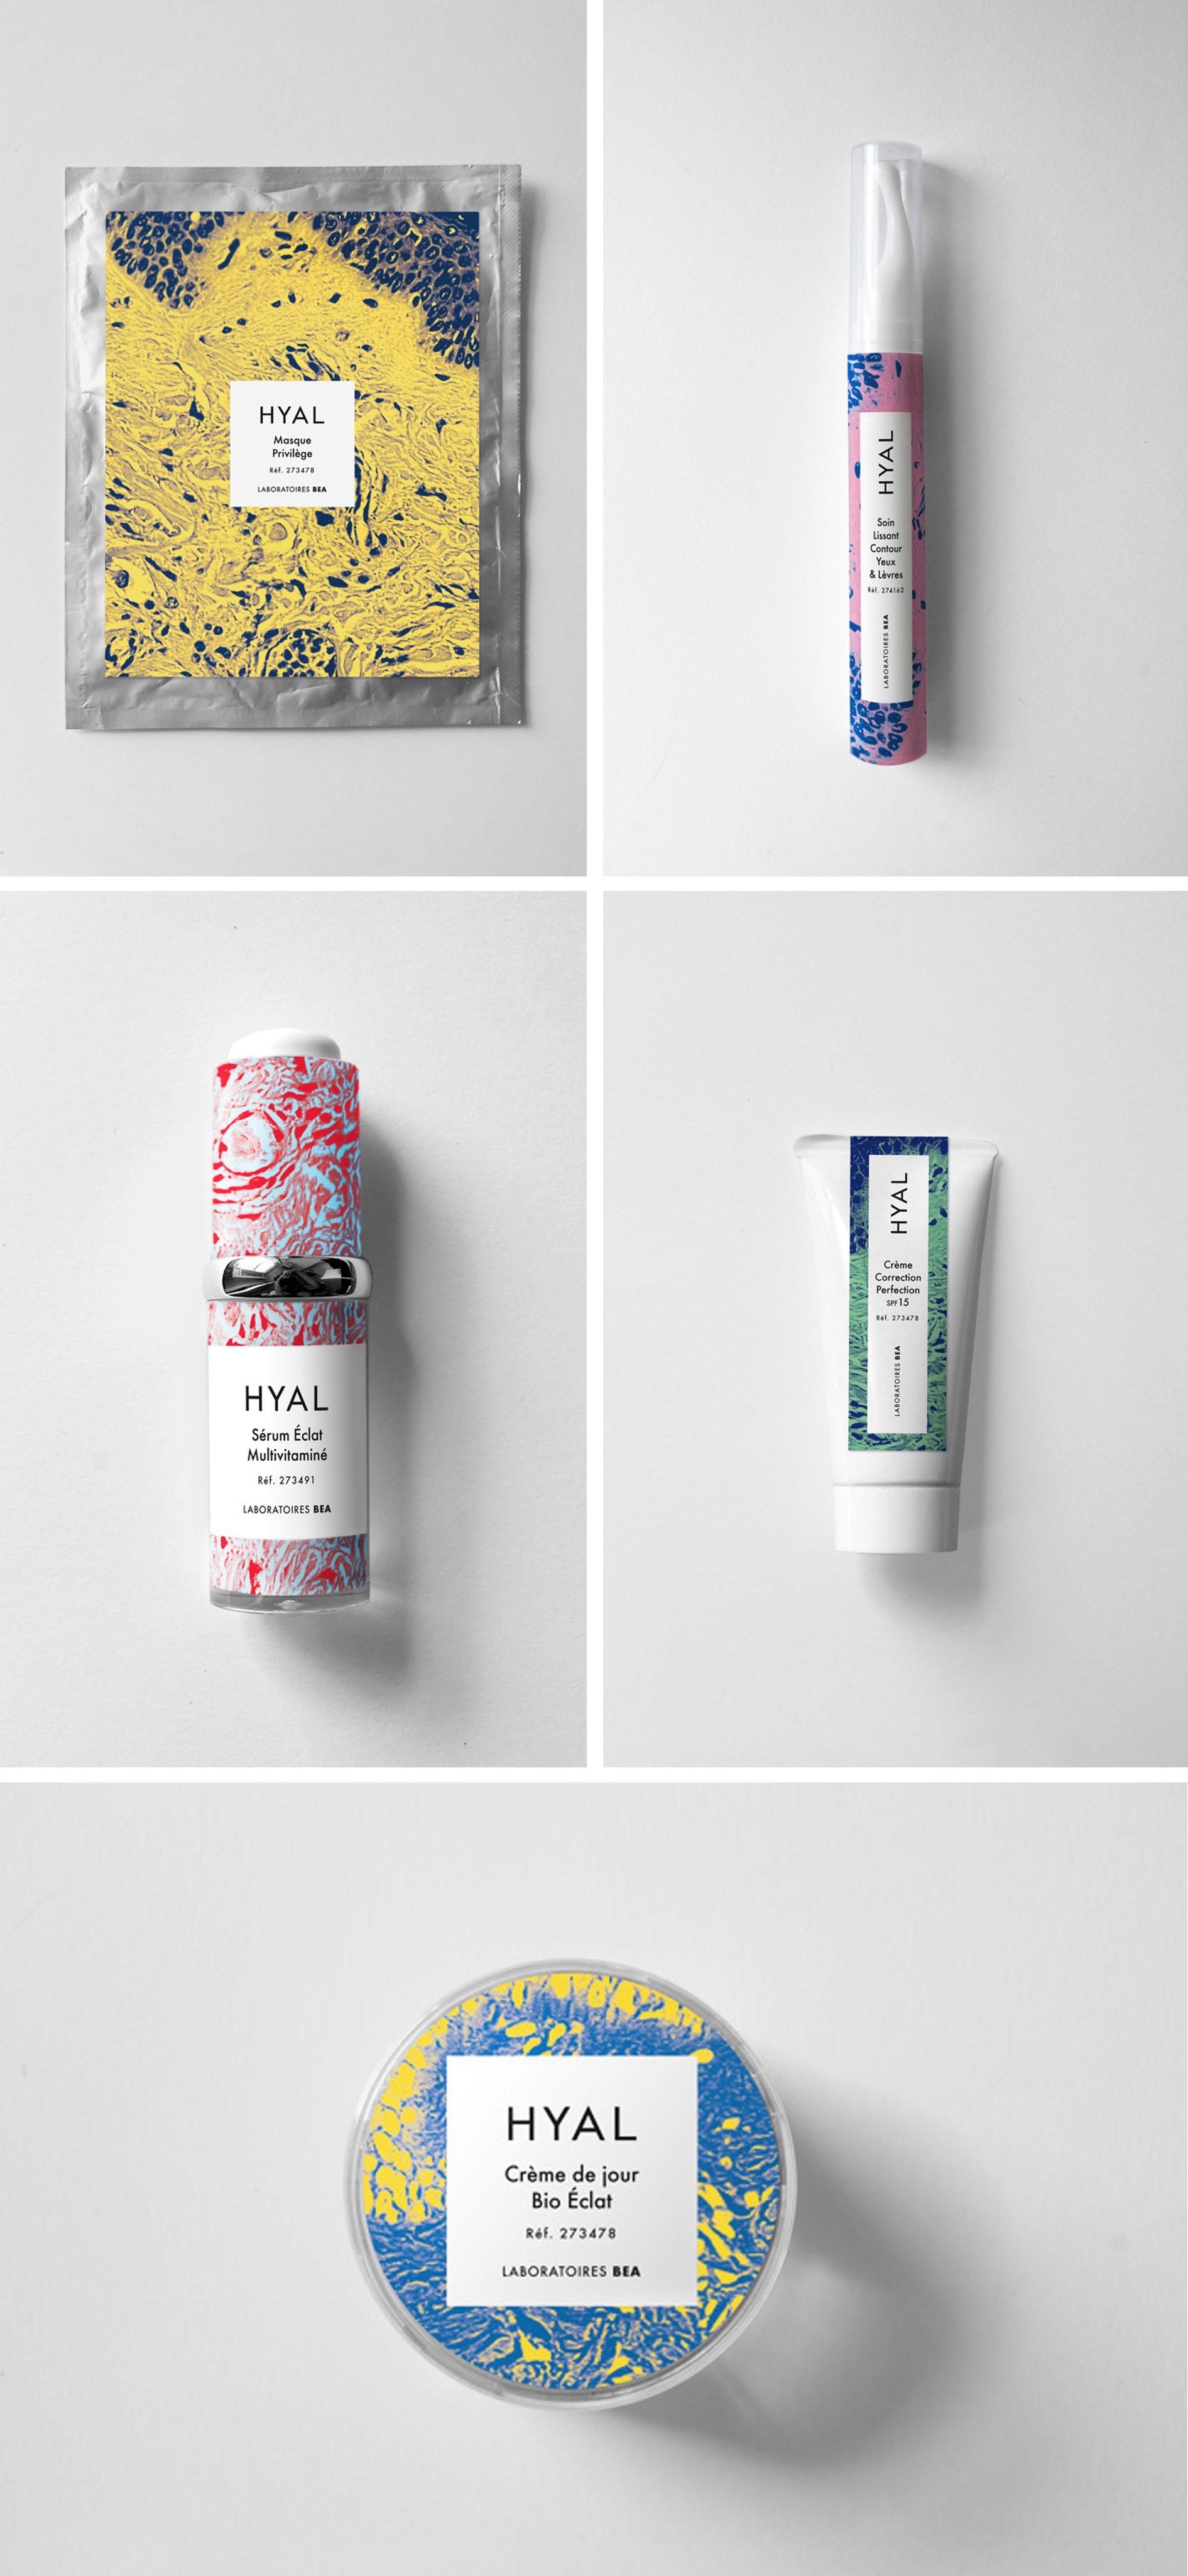 Hyal packaging design